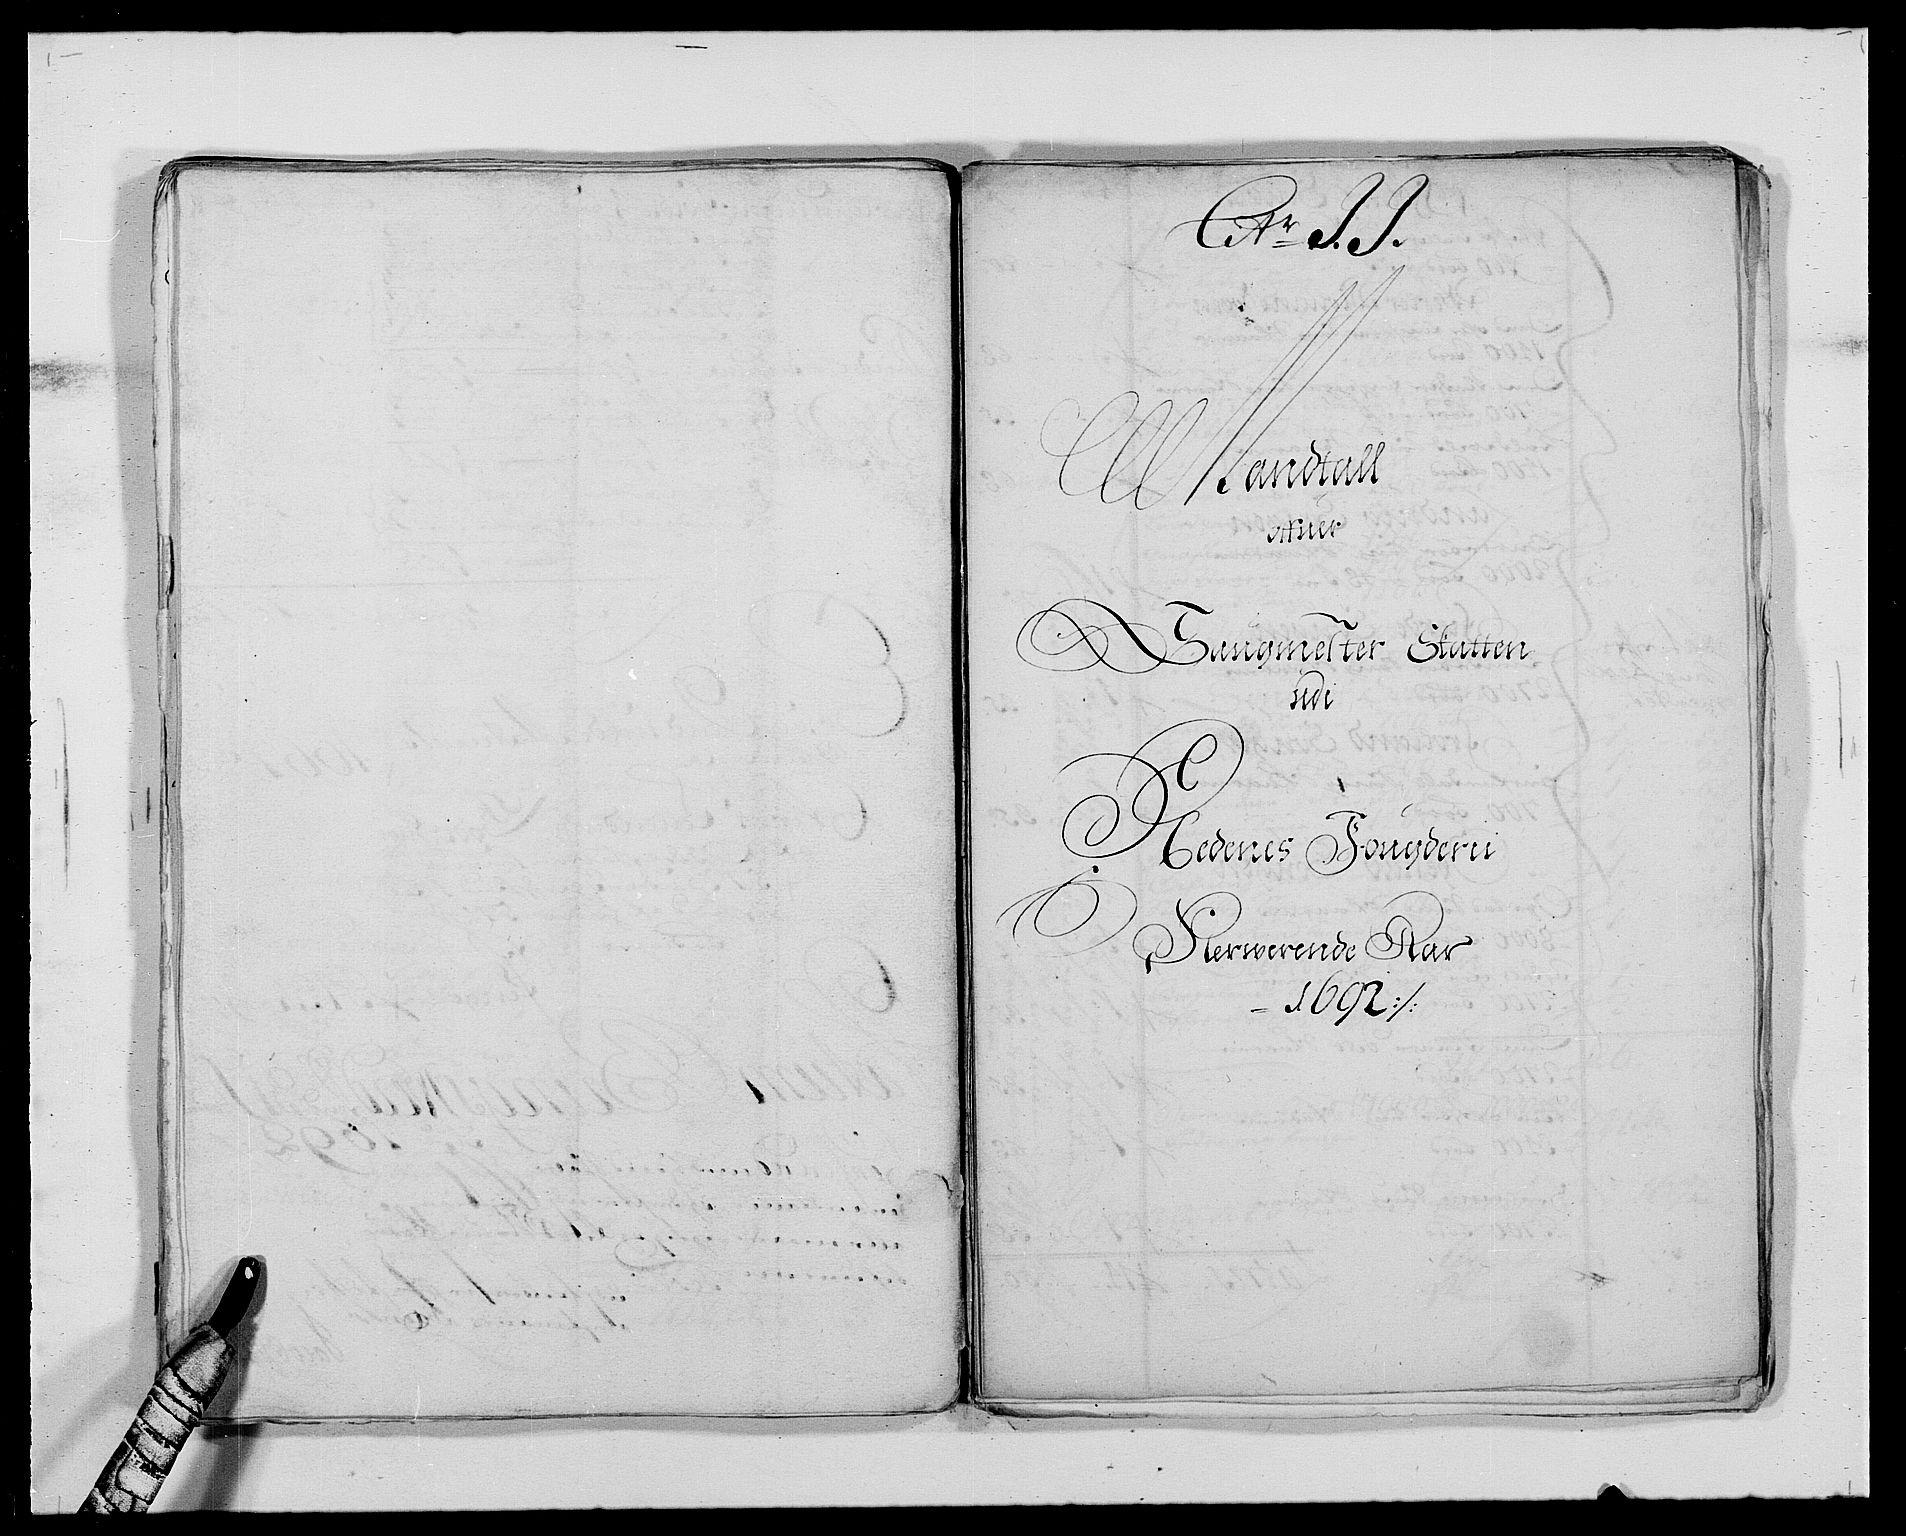 RA, Rentekammeret inntil 1814, Reviderte regnskaper, Fogderegnskap, R39/L2311: Fogderegnskap Nedenes, 1690-1692, s. 226